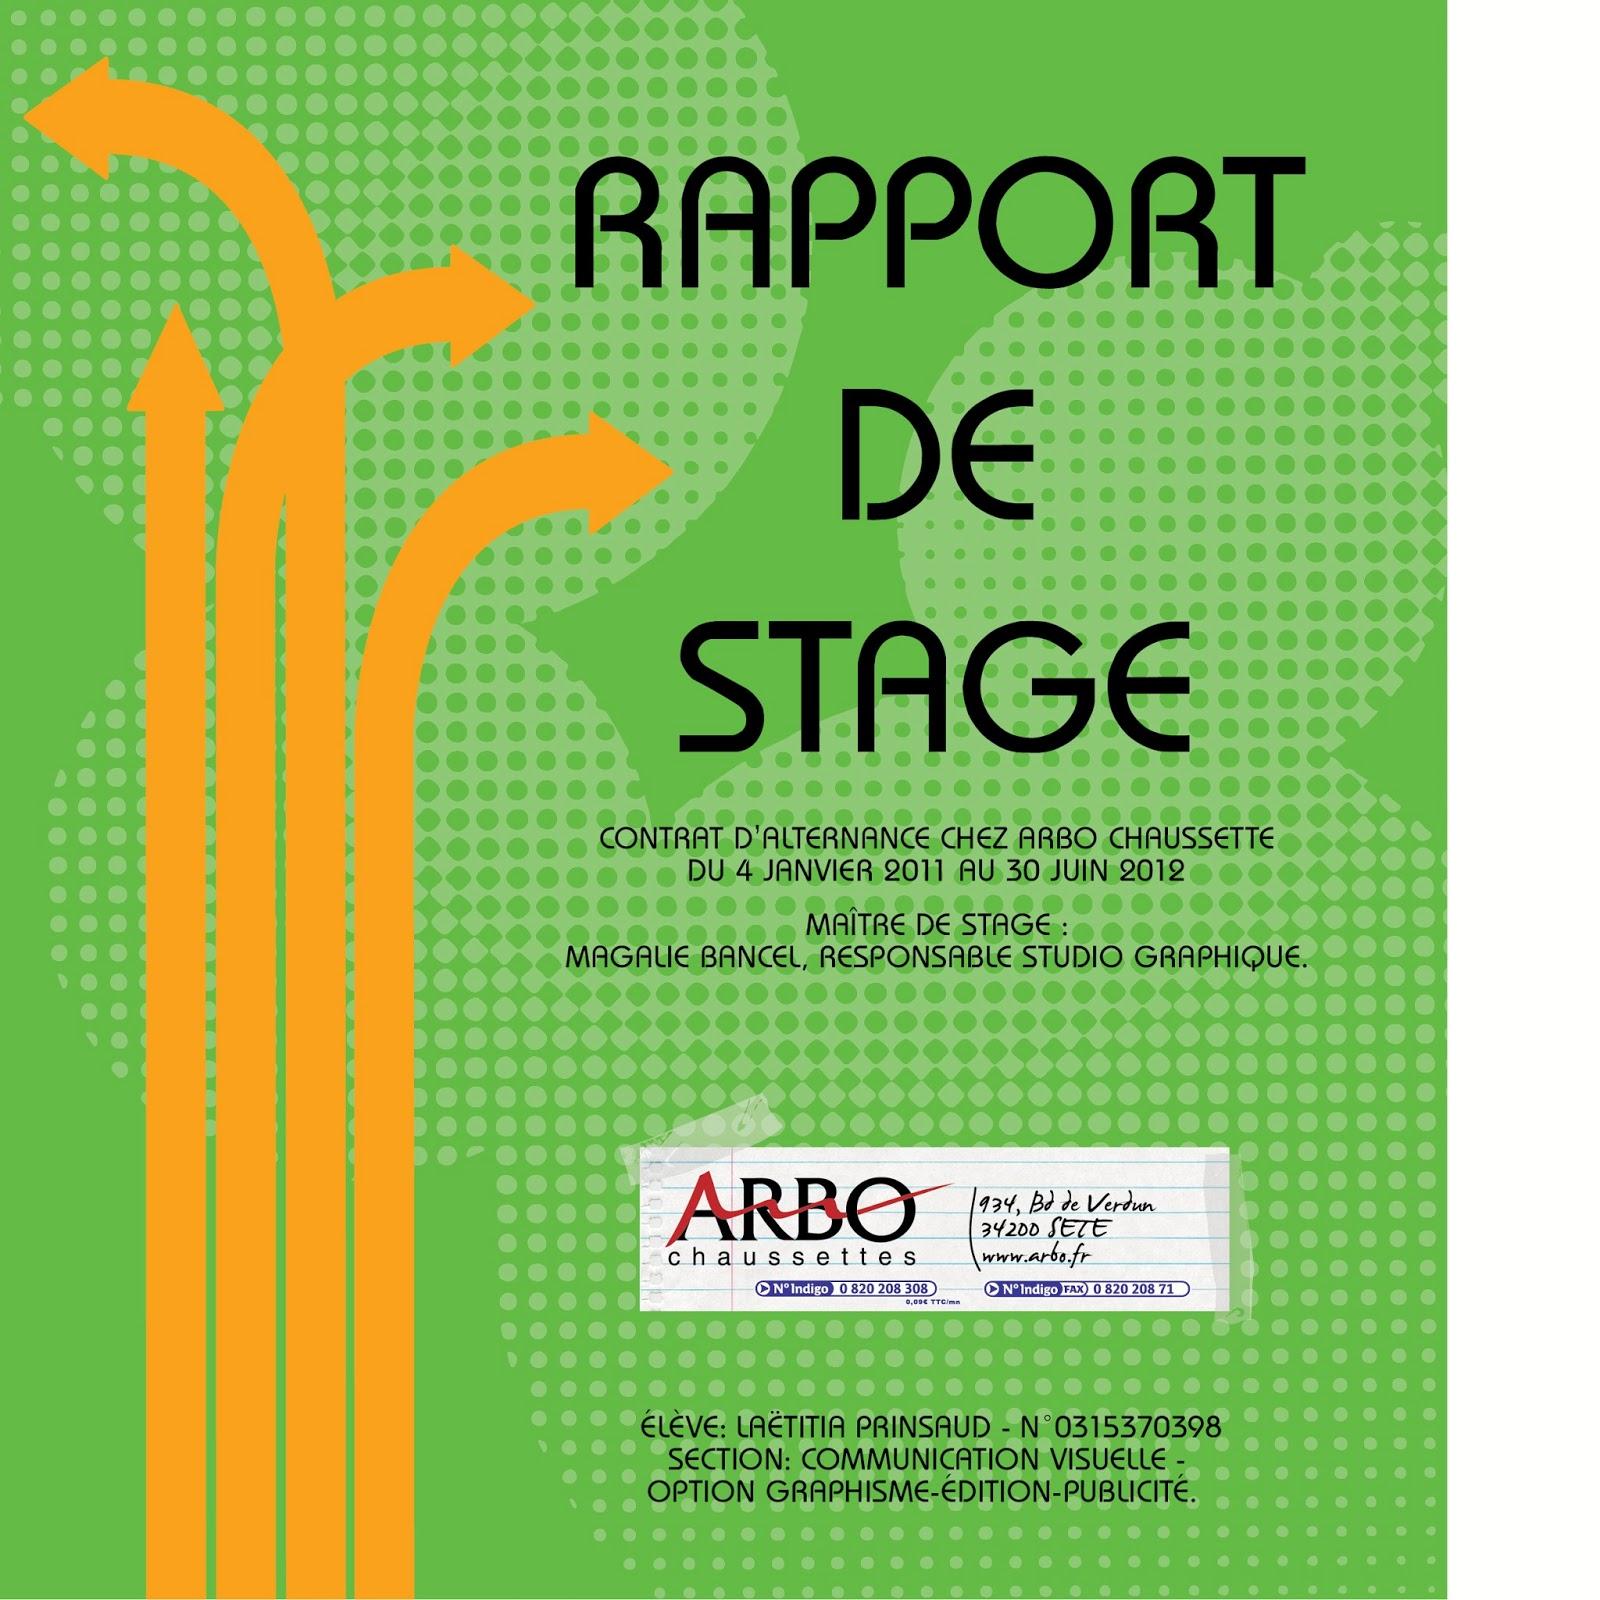 Rapport de stage joy studio design gallery best design for Rapport de stage en cuisine exemple